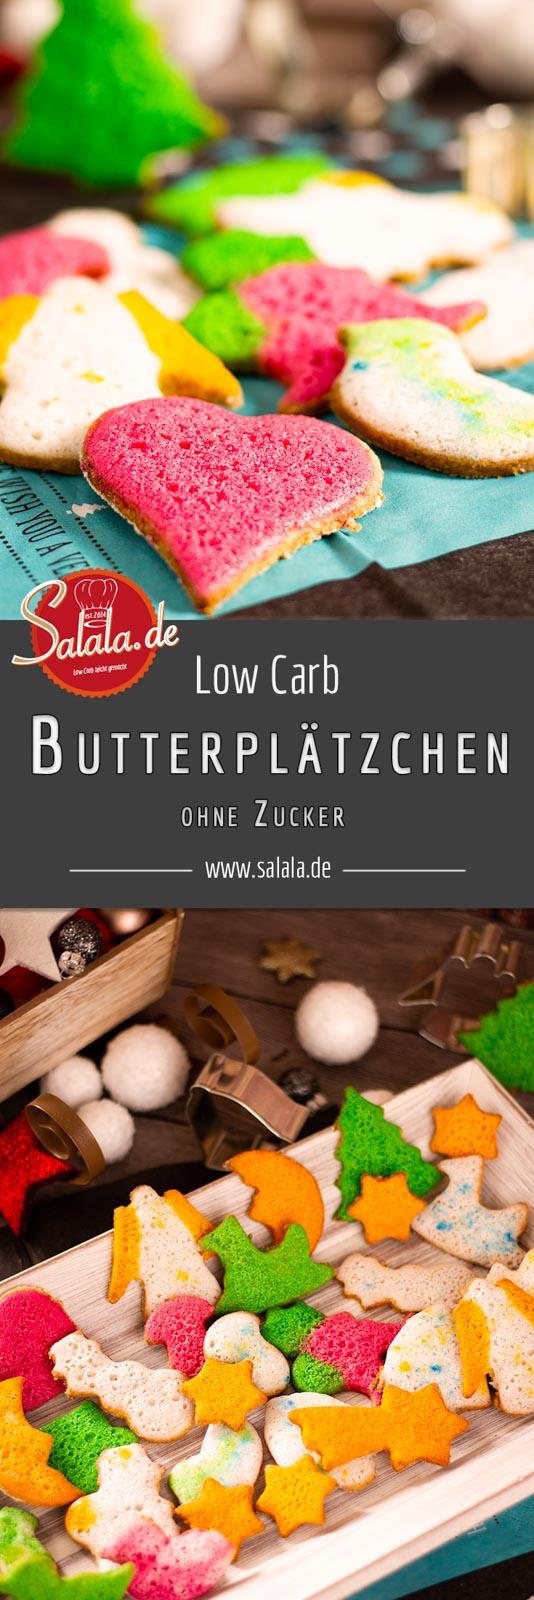 #butterplätzchen #lowcarb #plätzchen #lowcarbbacken #backen #weihnachten #lchf #ohnezucker #glutenfrei #ohnemehl #lowcarbplätzchen #lowcarbweihnachten